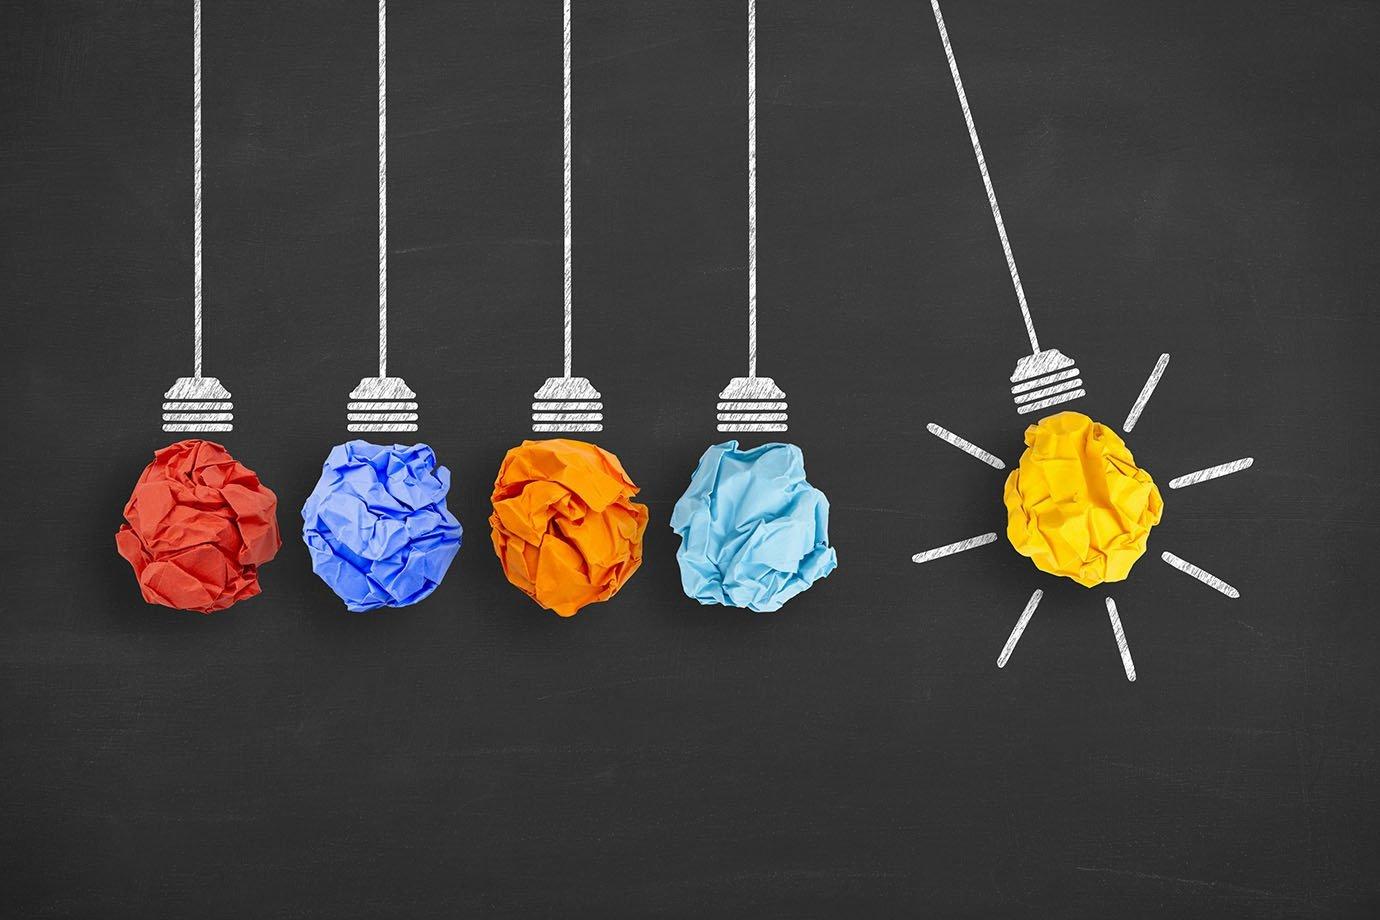 Ideia de negócio, startup, inovação, lâmpadas